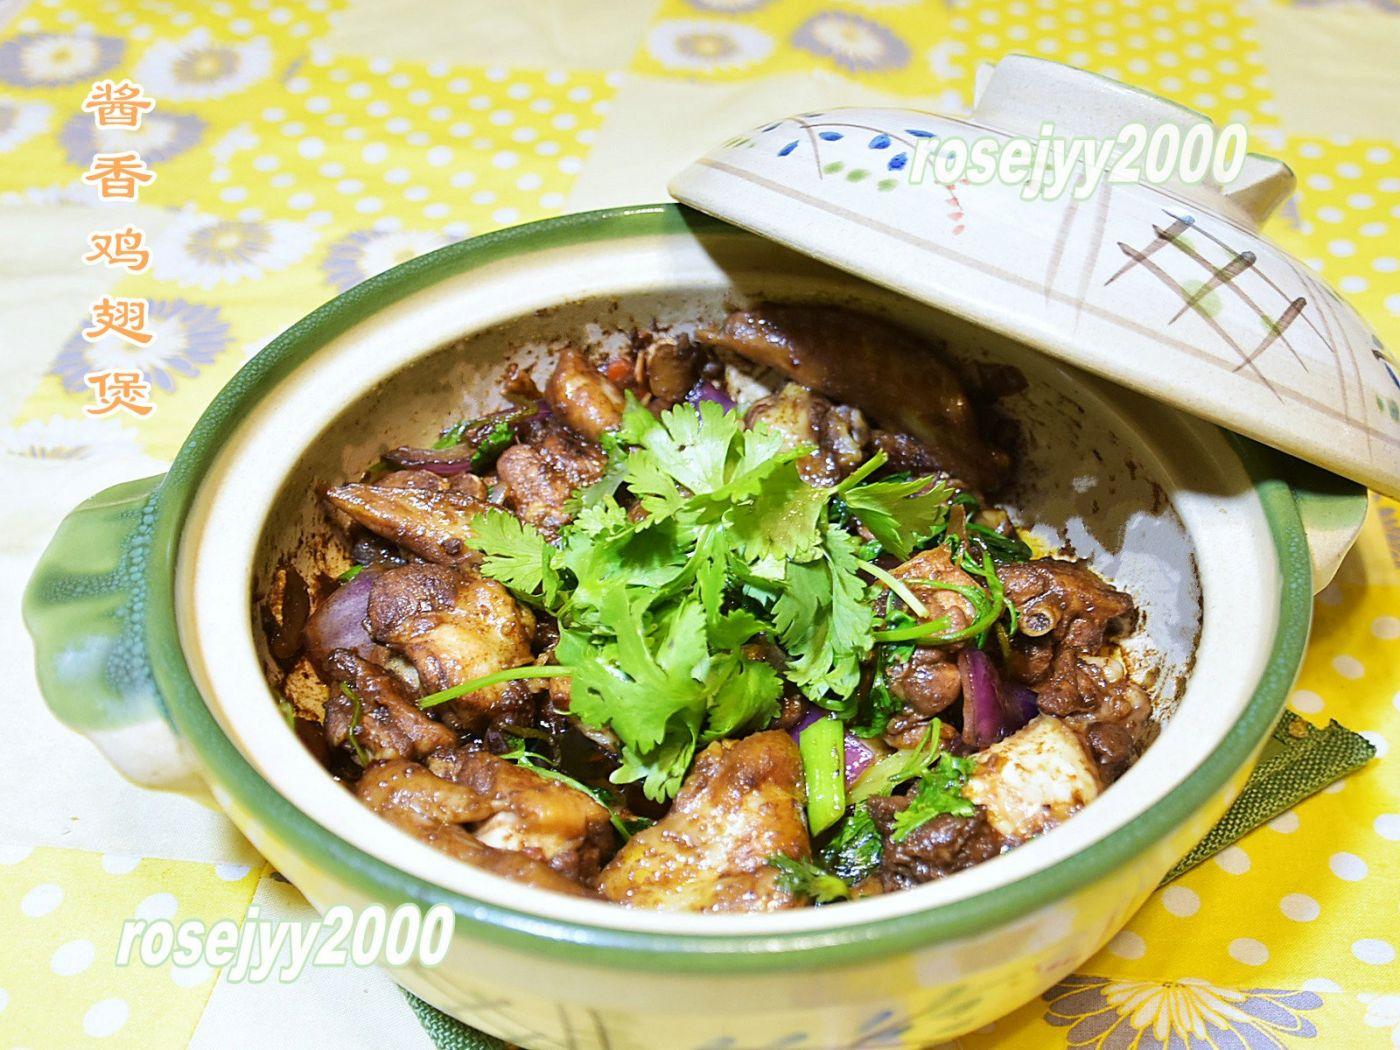 酱香鸡翅煲_图1-1